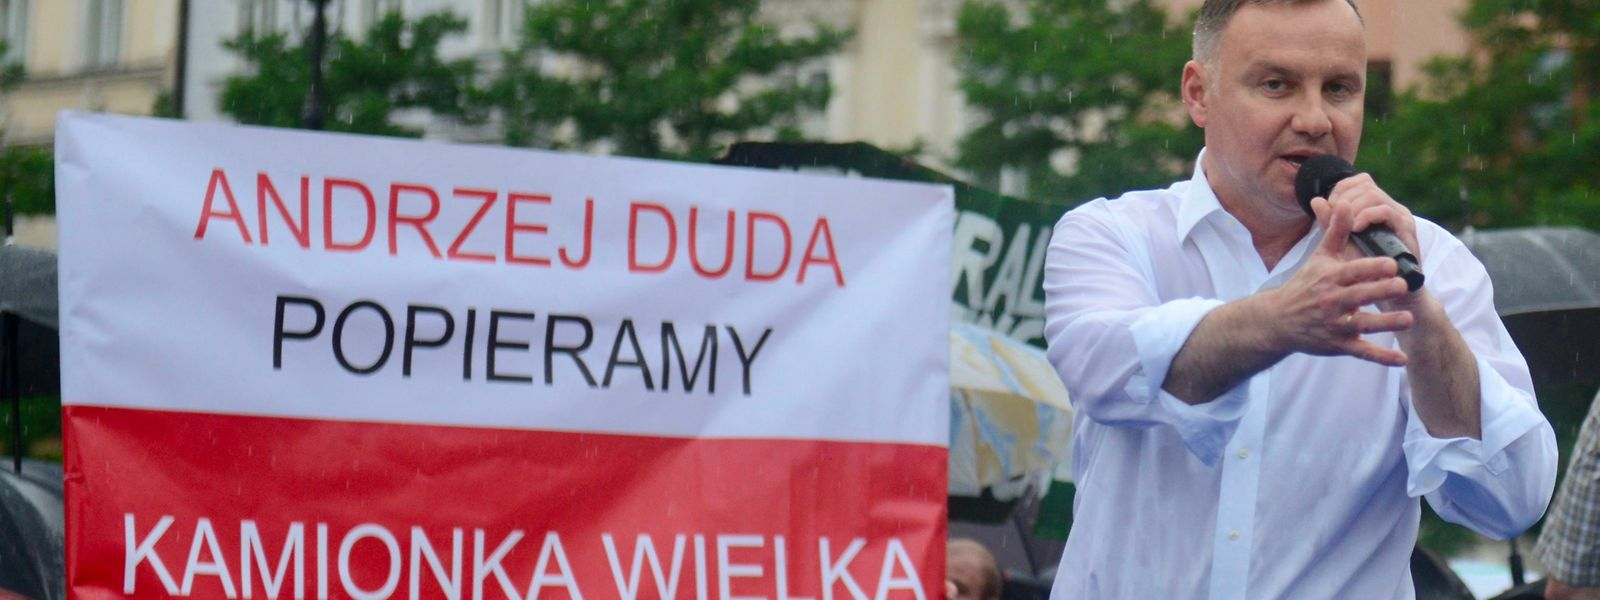 Amtsinhaber Andrzej Duda gilt als Favorit - er machte mit homophoben Aussagen negative Schlagzeilen.